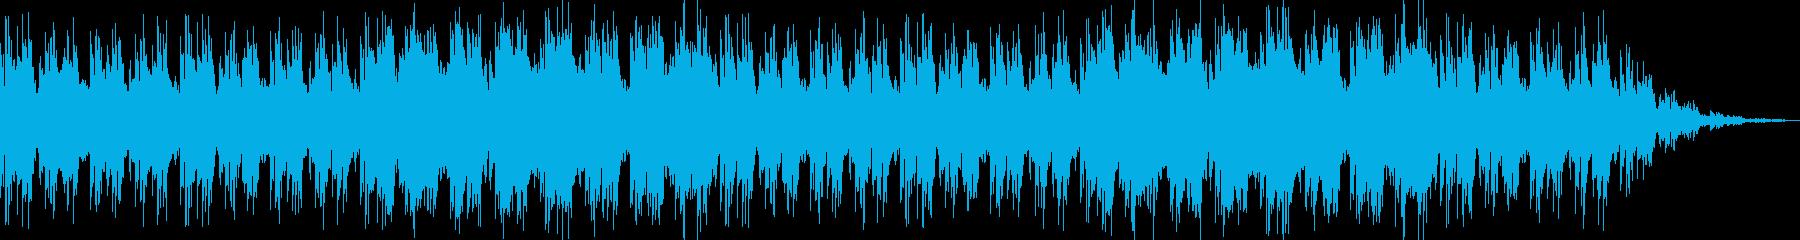 RPGワールドマップ画面風の曲の再生済みの波形